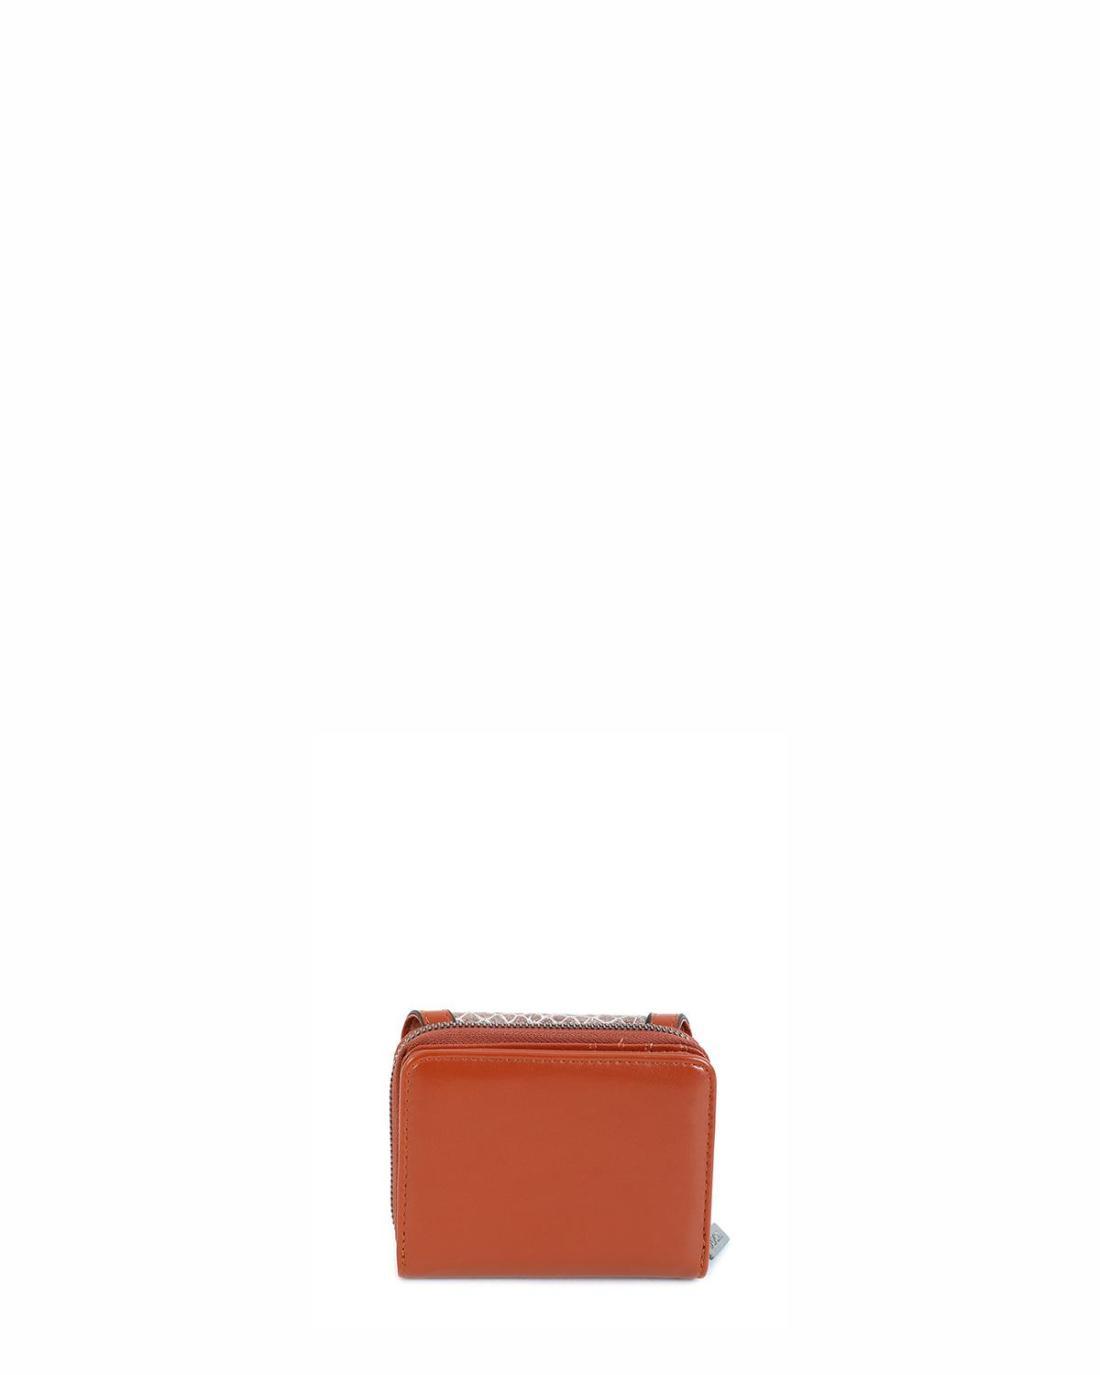 Portemonnaie braun